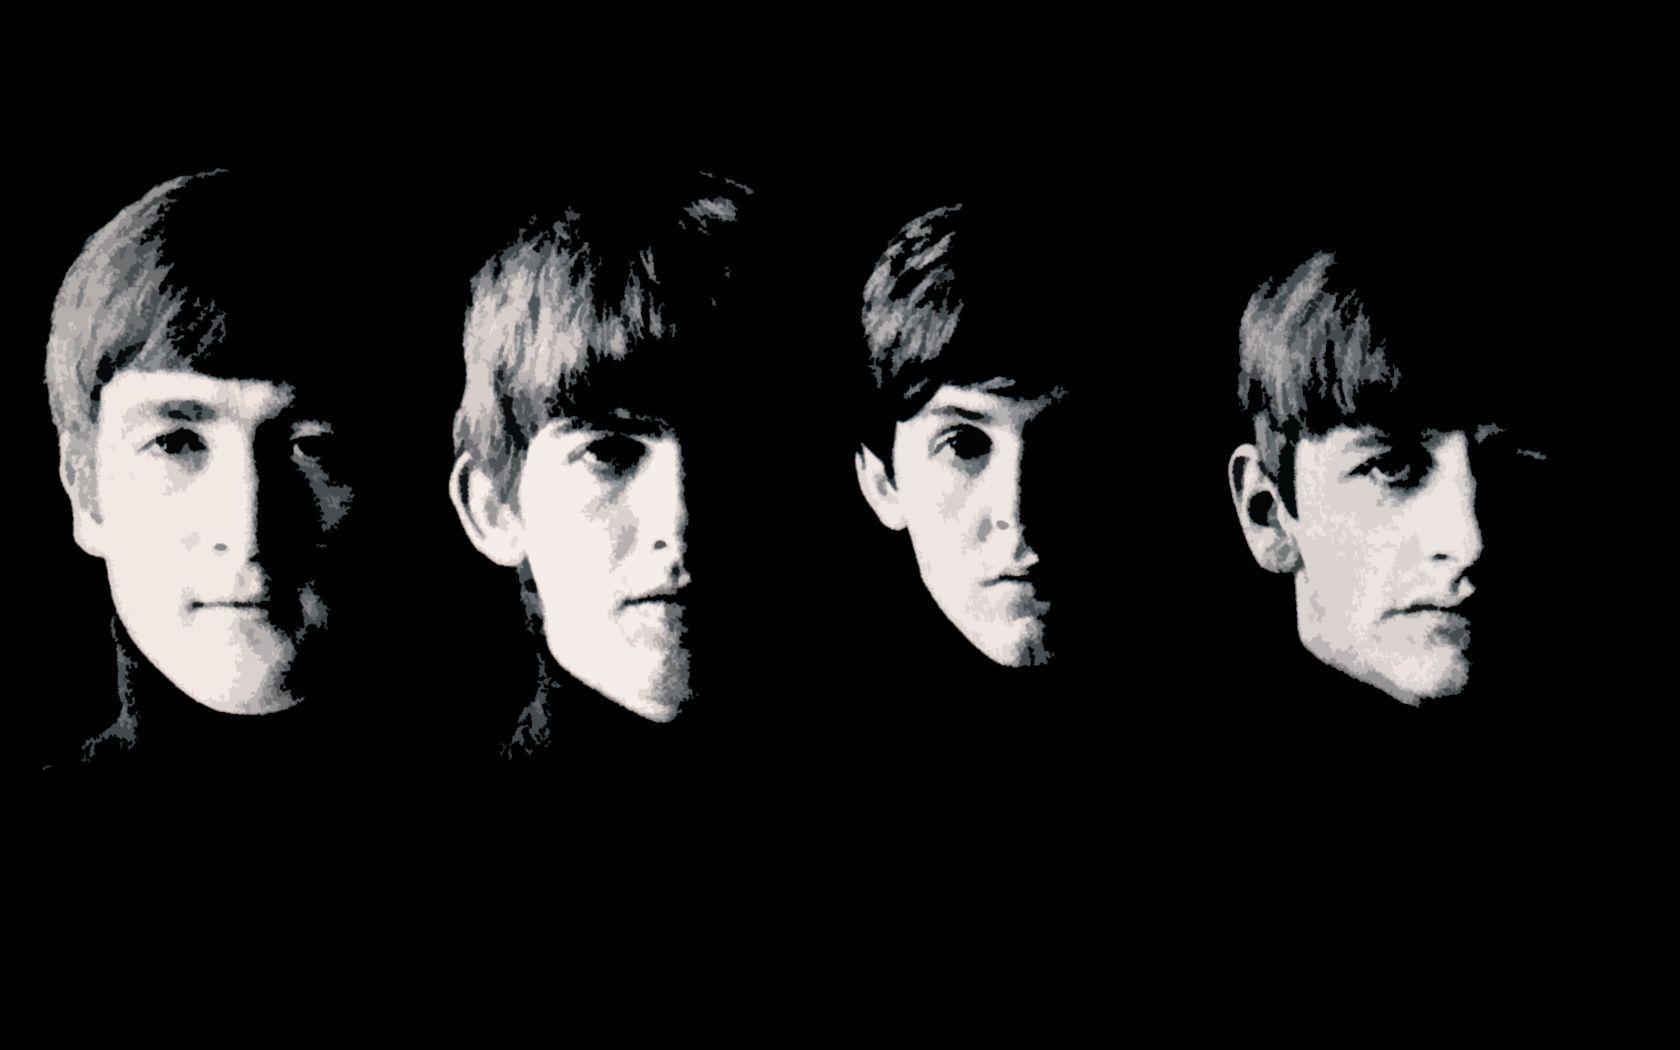 Simple Wallpaper Mac The Beatles - the-beatles-wallpaper-4  Gallery_695846.jpg